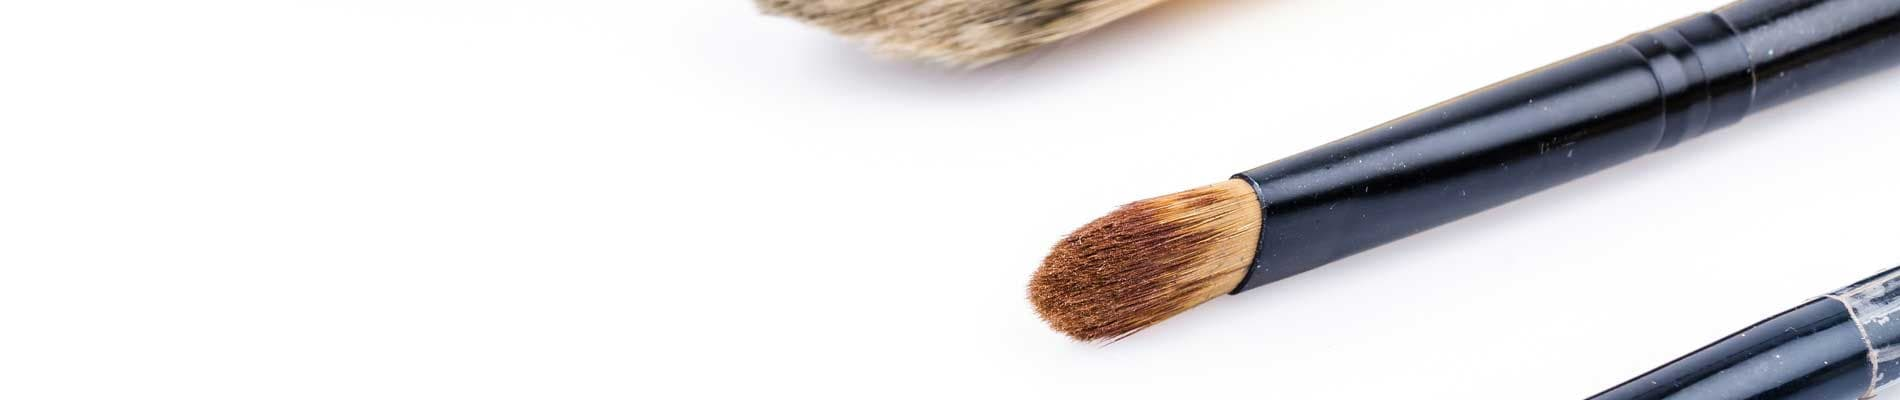 Estética, maquillaje, caracterización y masaje